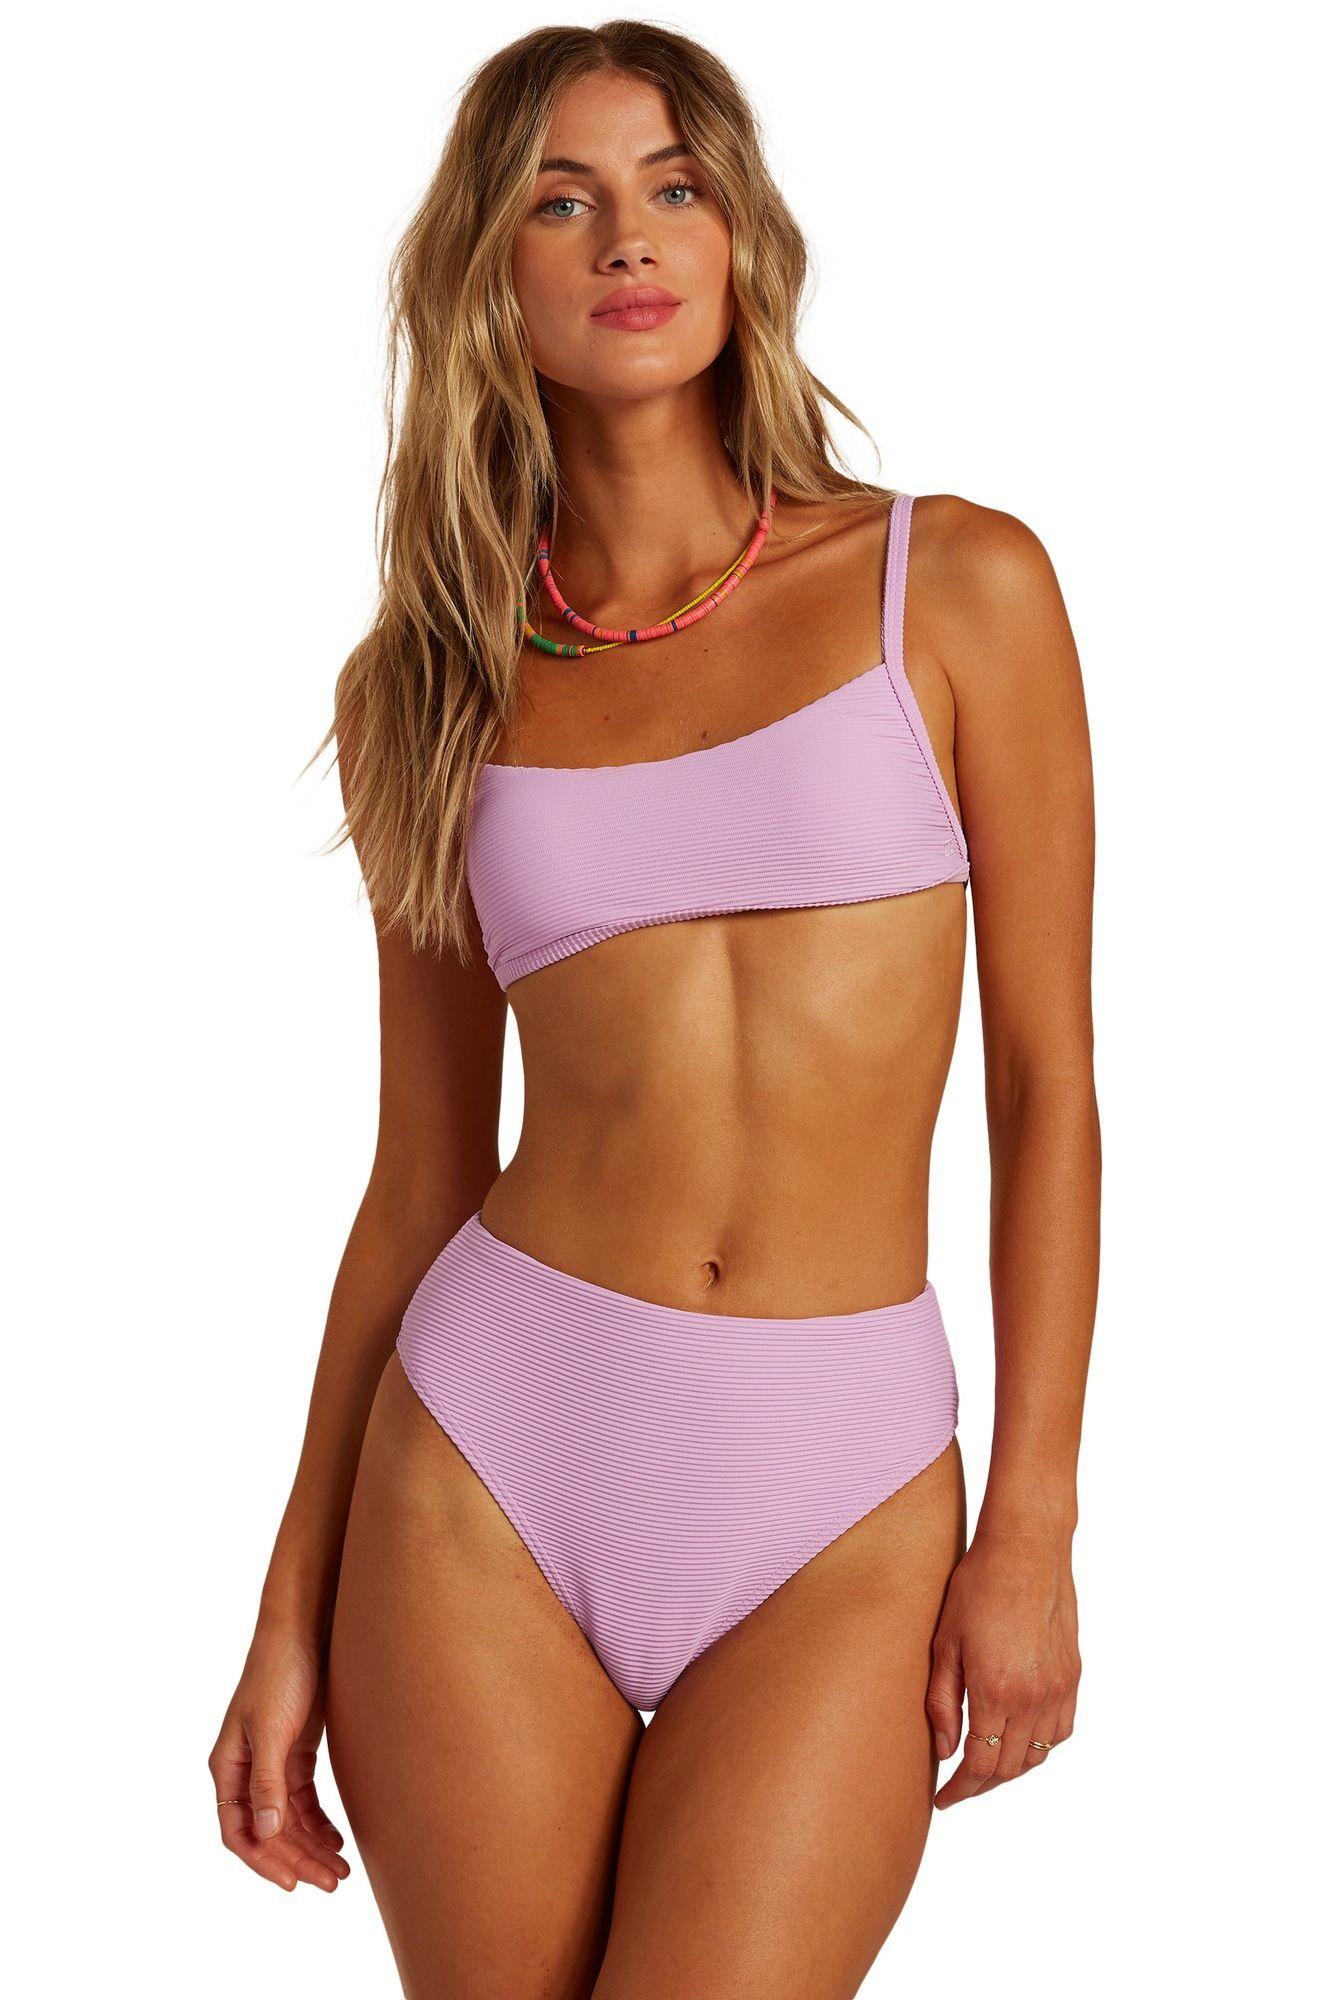 Bikini Tanga Billabong TANLINES H MAUI SURFADELIC Lit Up Lilac